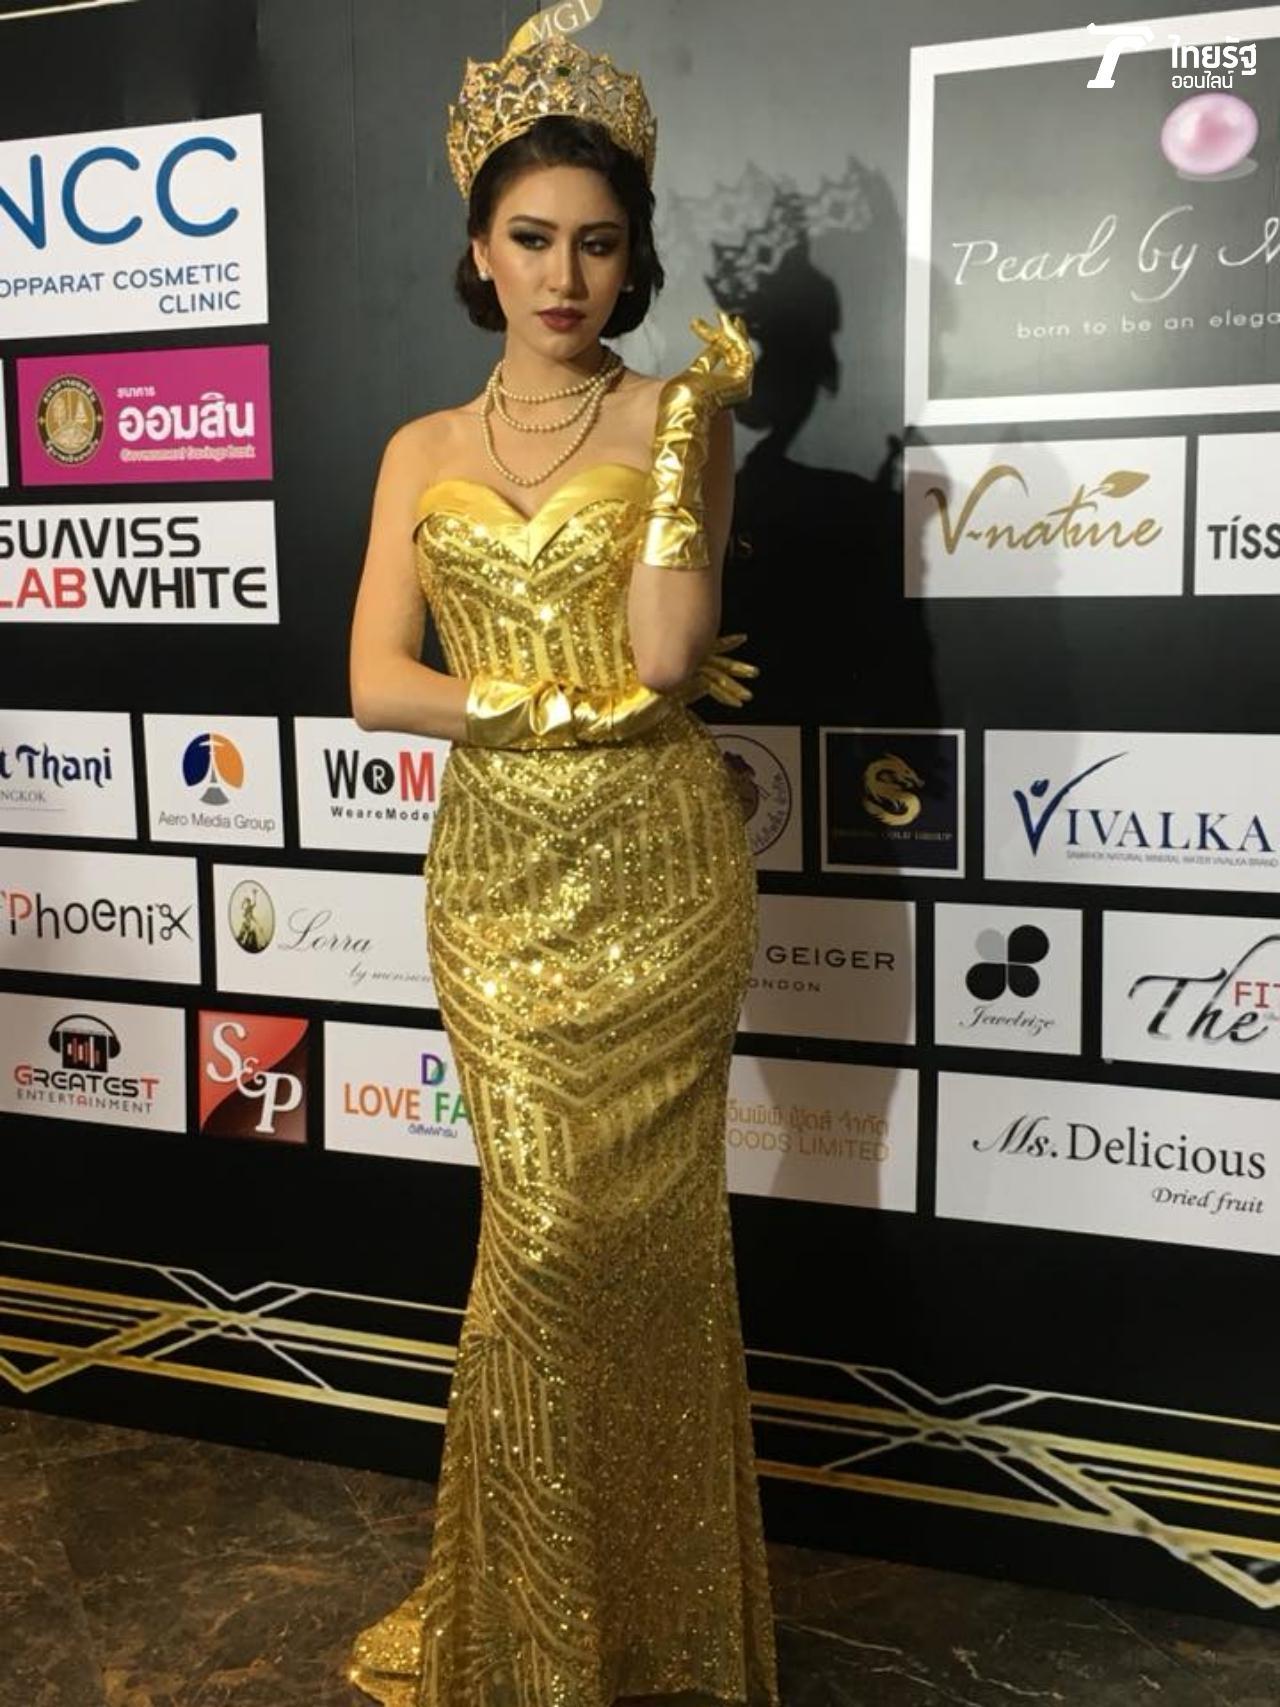 แพม เปรมิกา มิสแกรนด์ไทยแลนด์ Miss Grand Thailand 2017